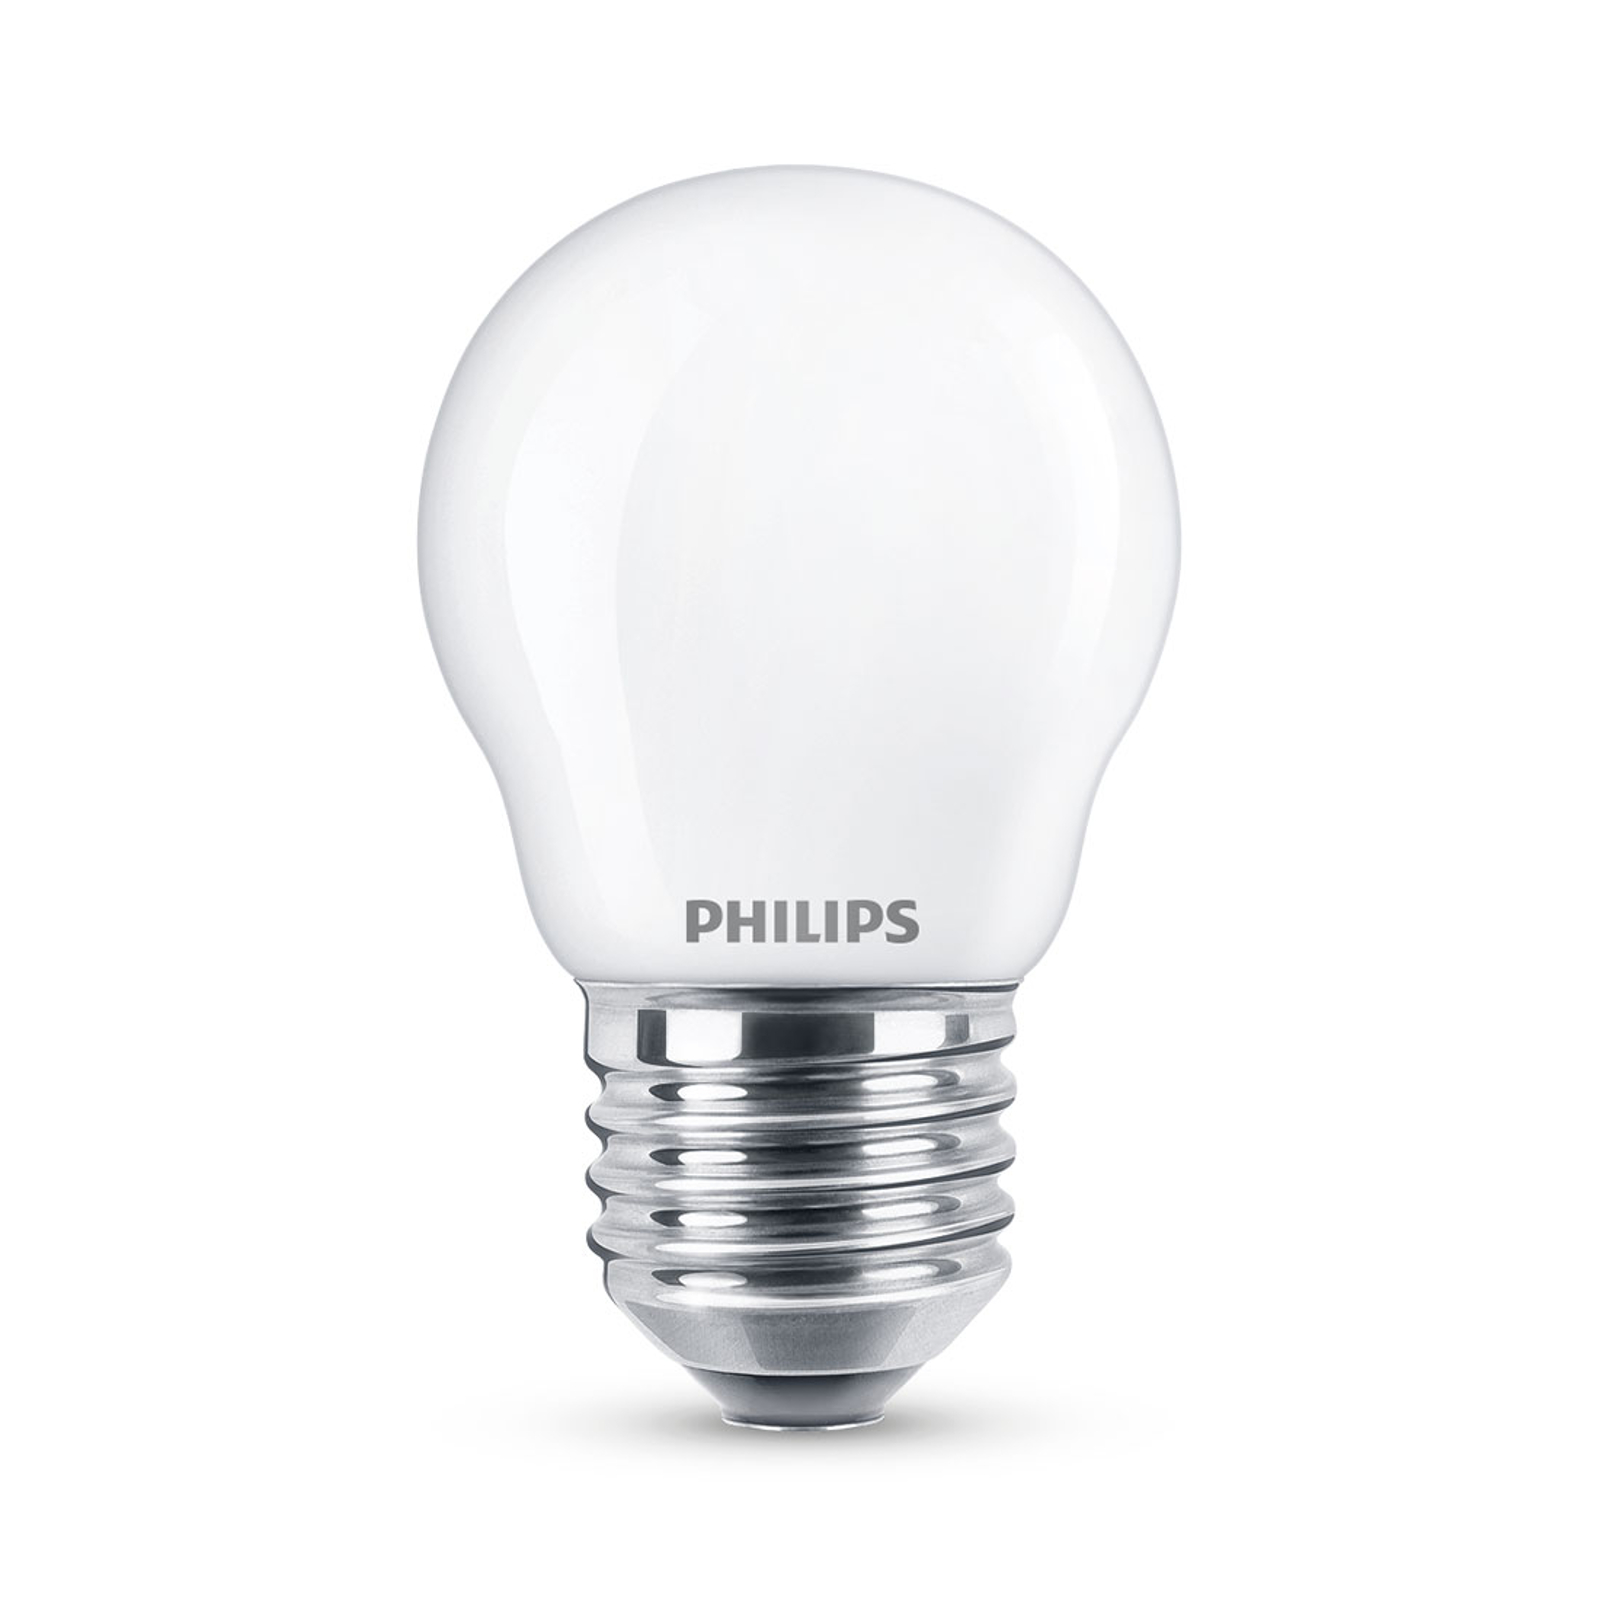 Philips Classic LED-pære E27 P45 6,5W 2700K matt